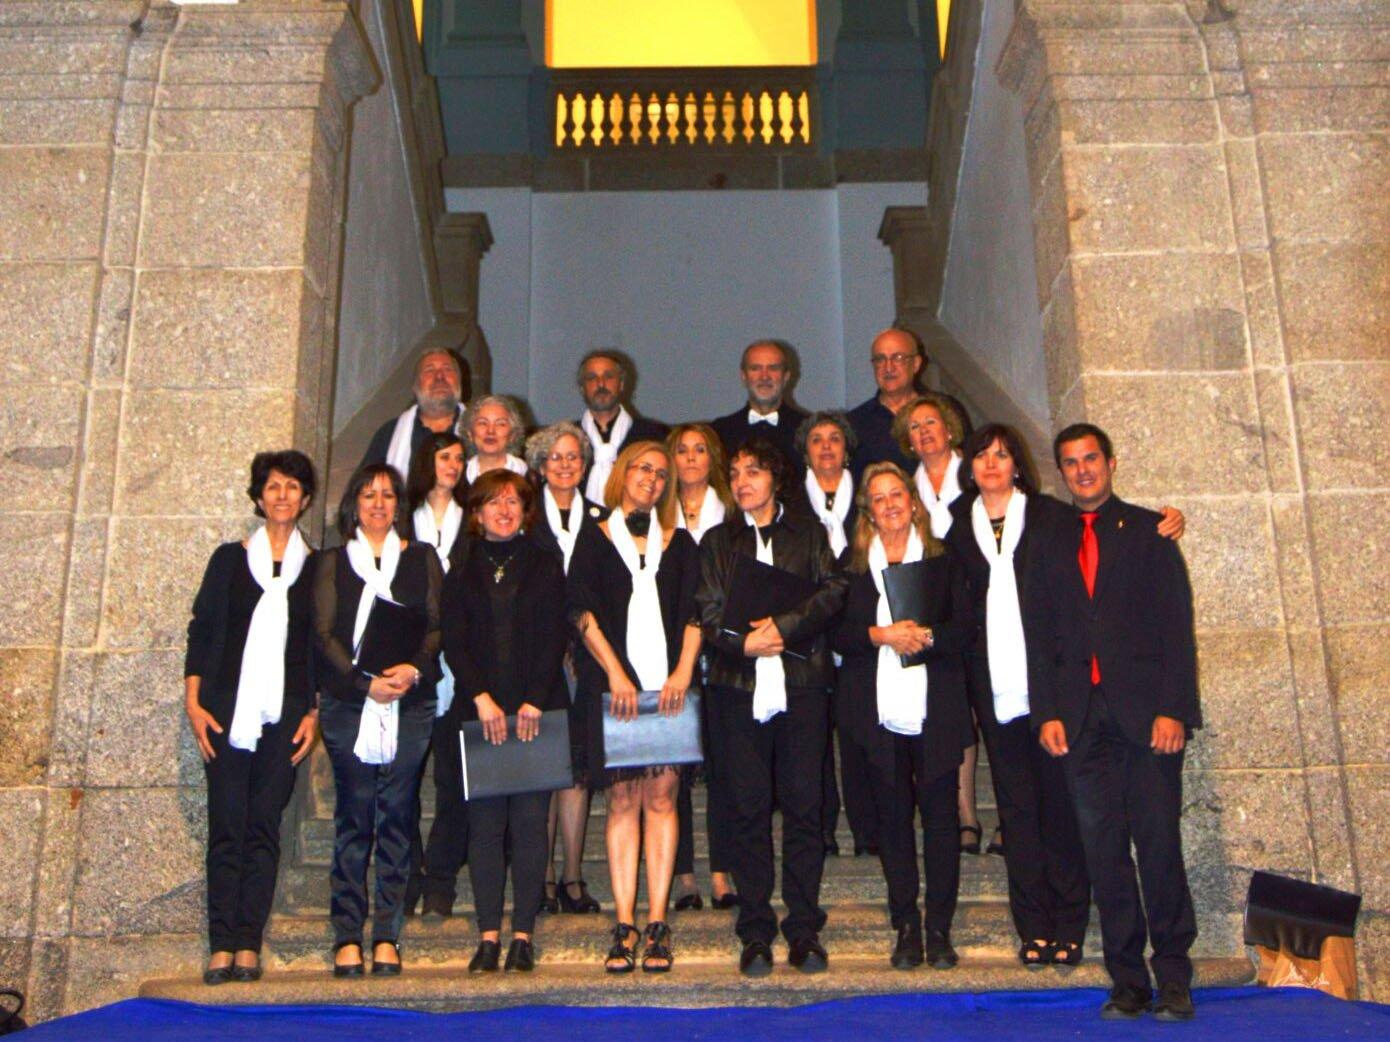 """Coro de la Escuela Municipal de Música """"Luigi Boccherini"""" de Arenas de San Pedro - XIV Festival Boccherini"""